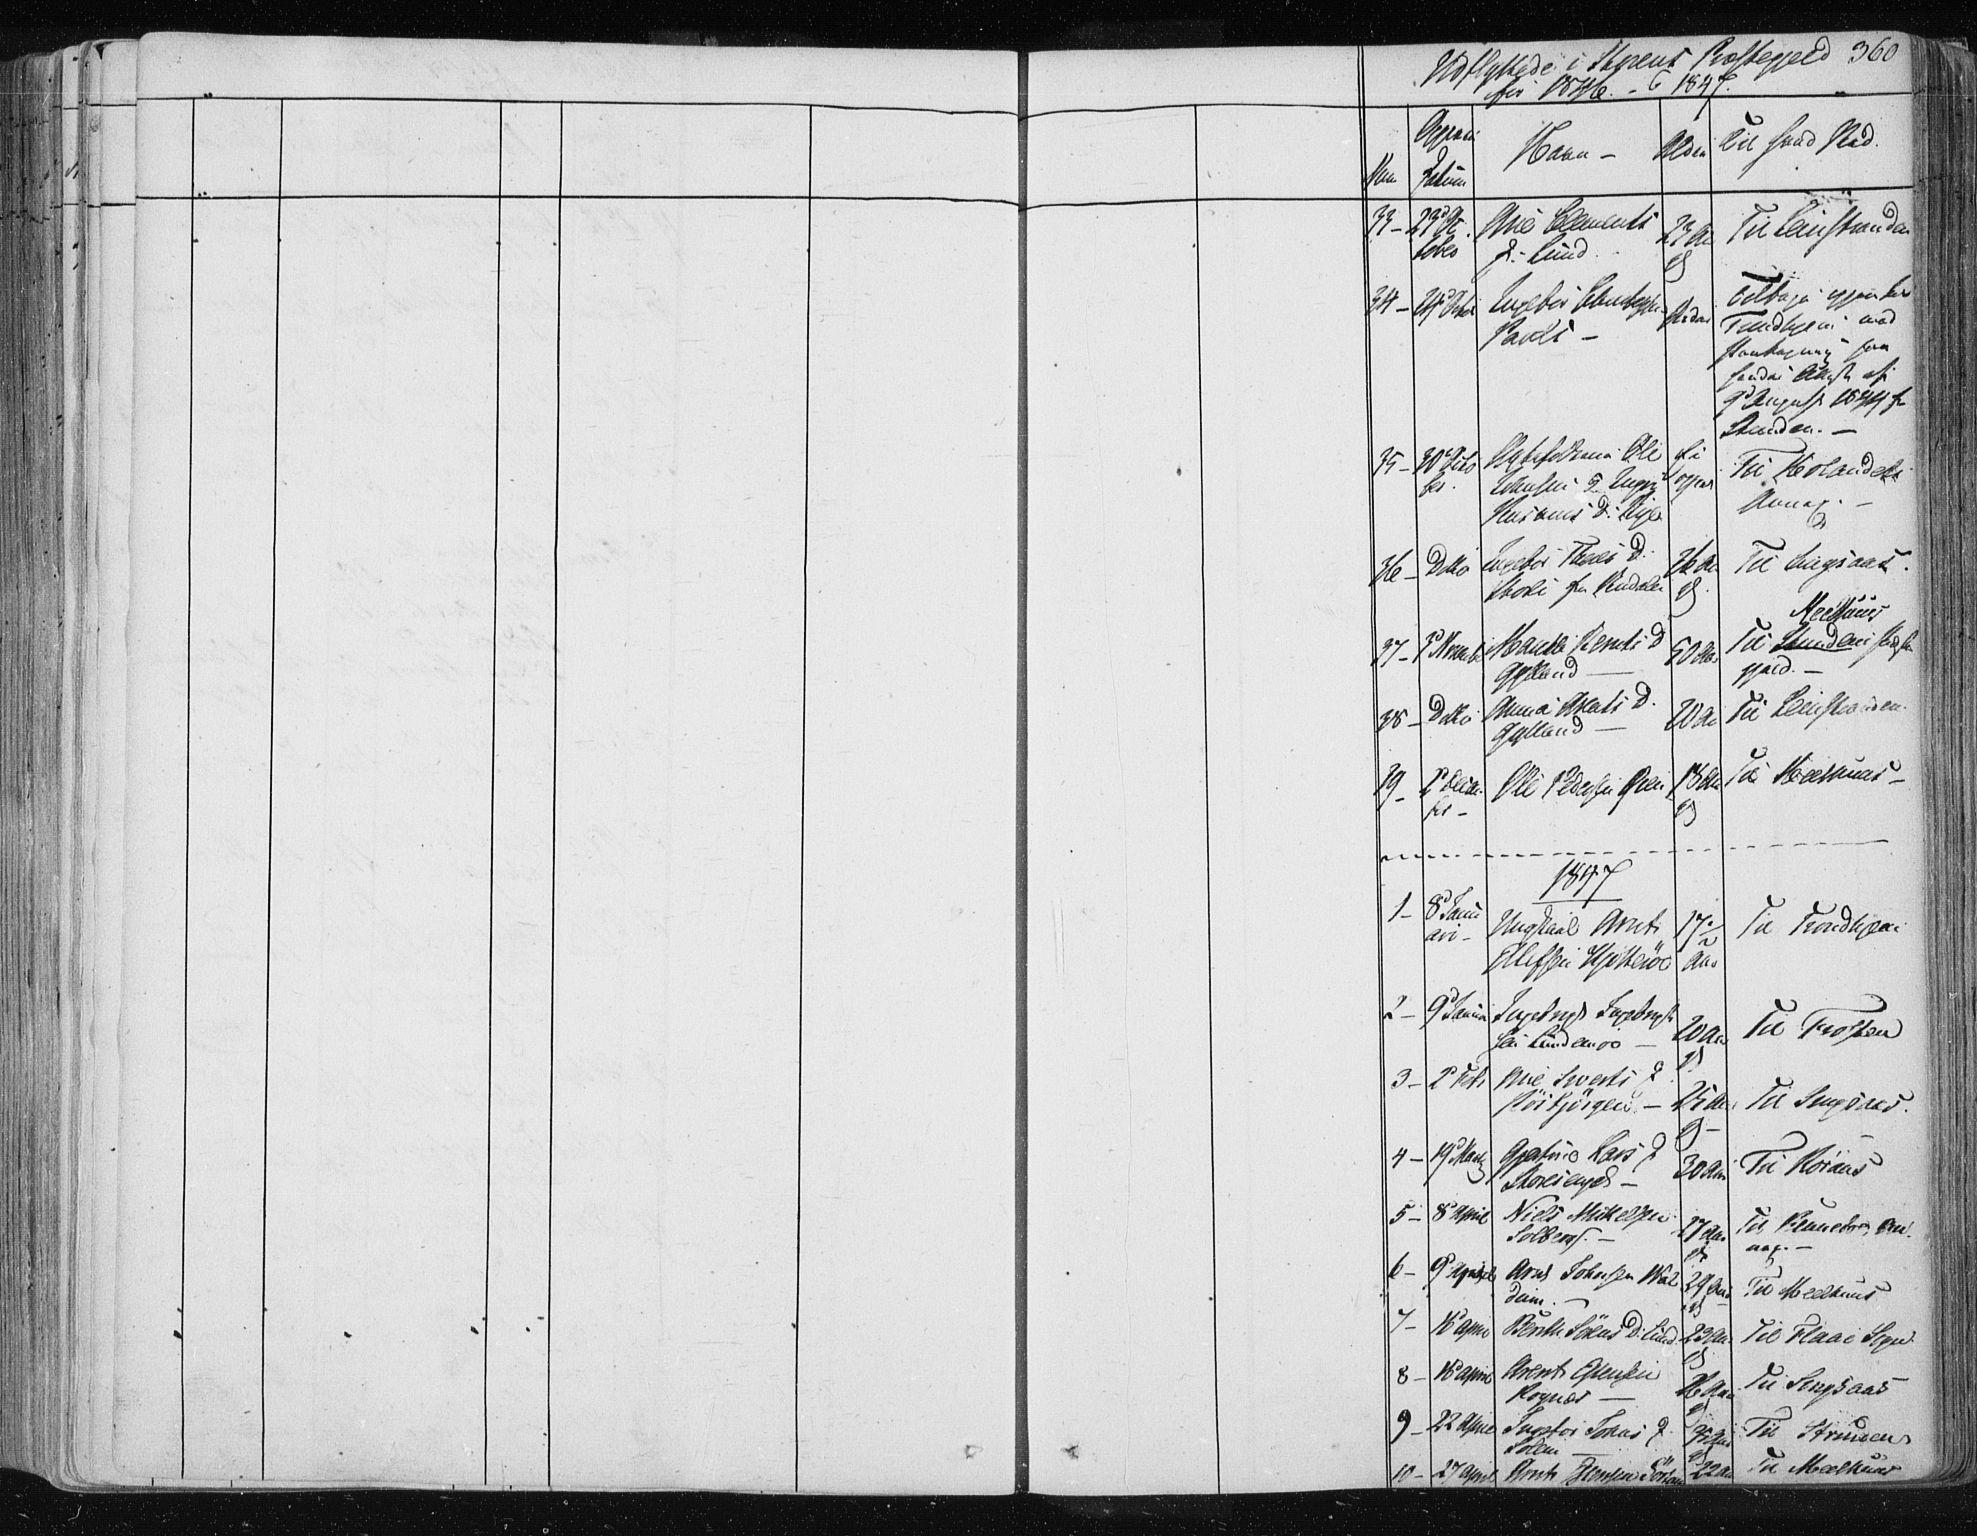 SAT, Ministerialprotokoller, klokkerbøker og fødselsregistre - Sør-Trøndelag, 687/L0997: Ministerialbok nr. 687A05 /1, 1843-1848, s. 360